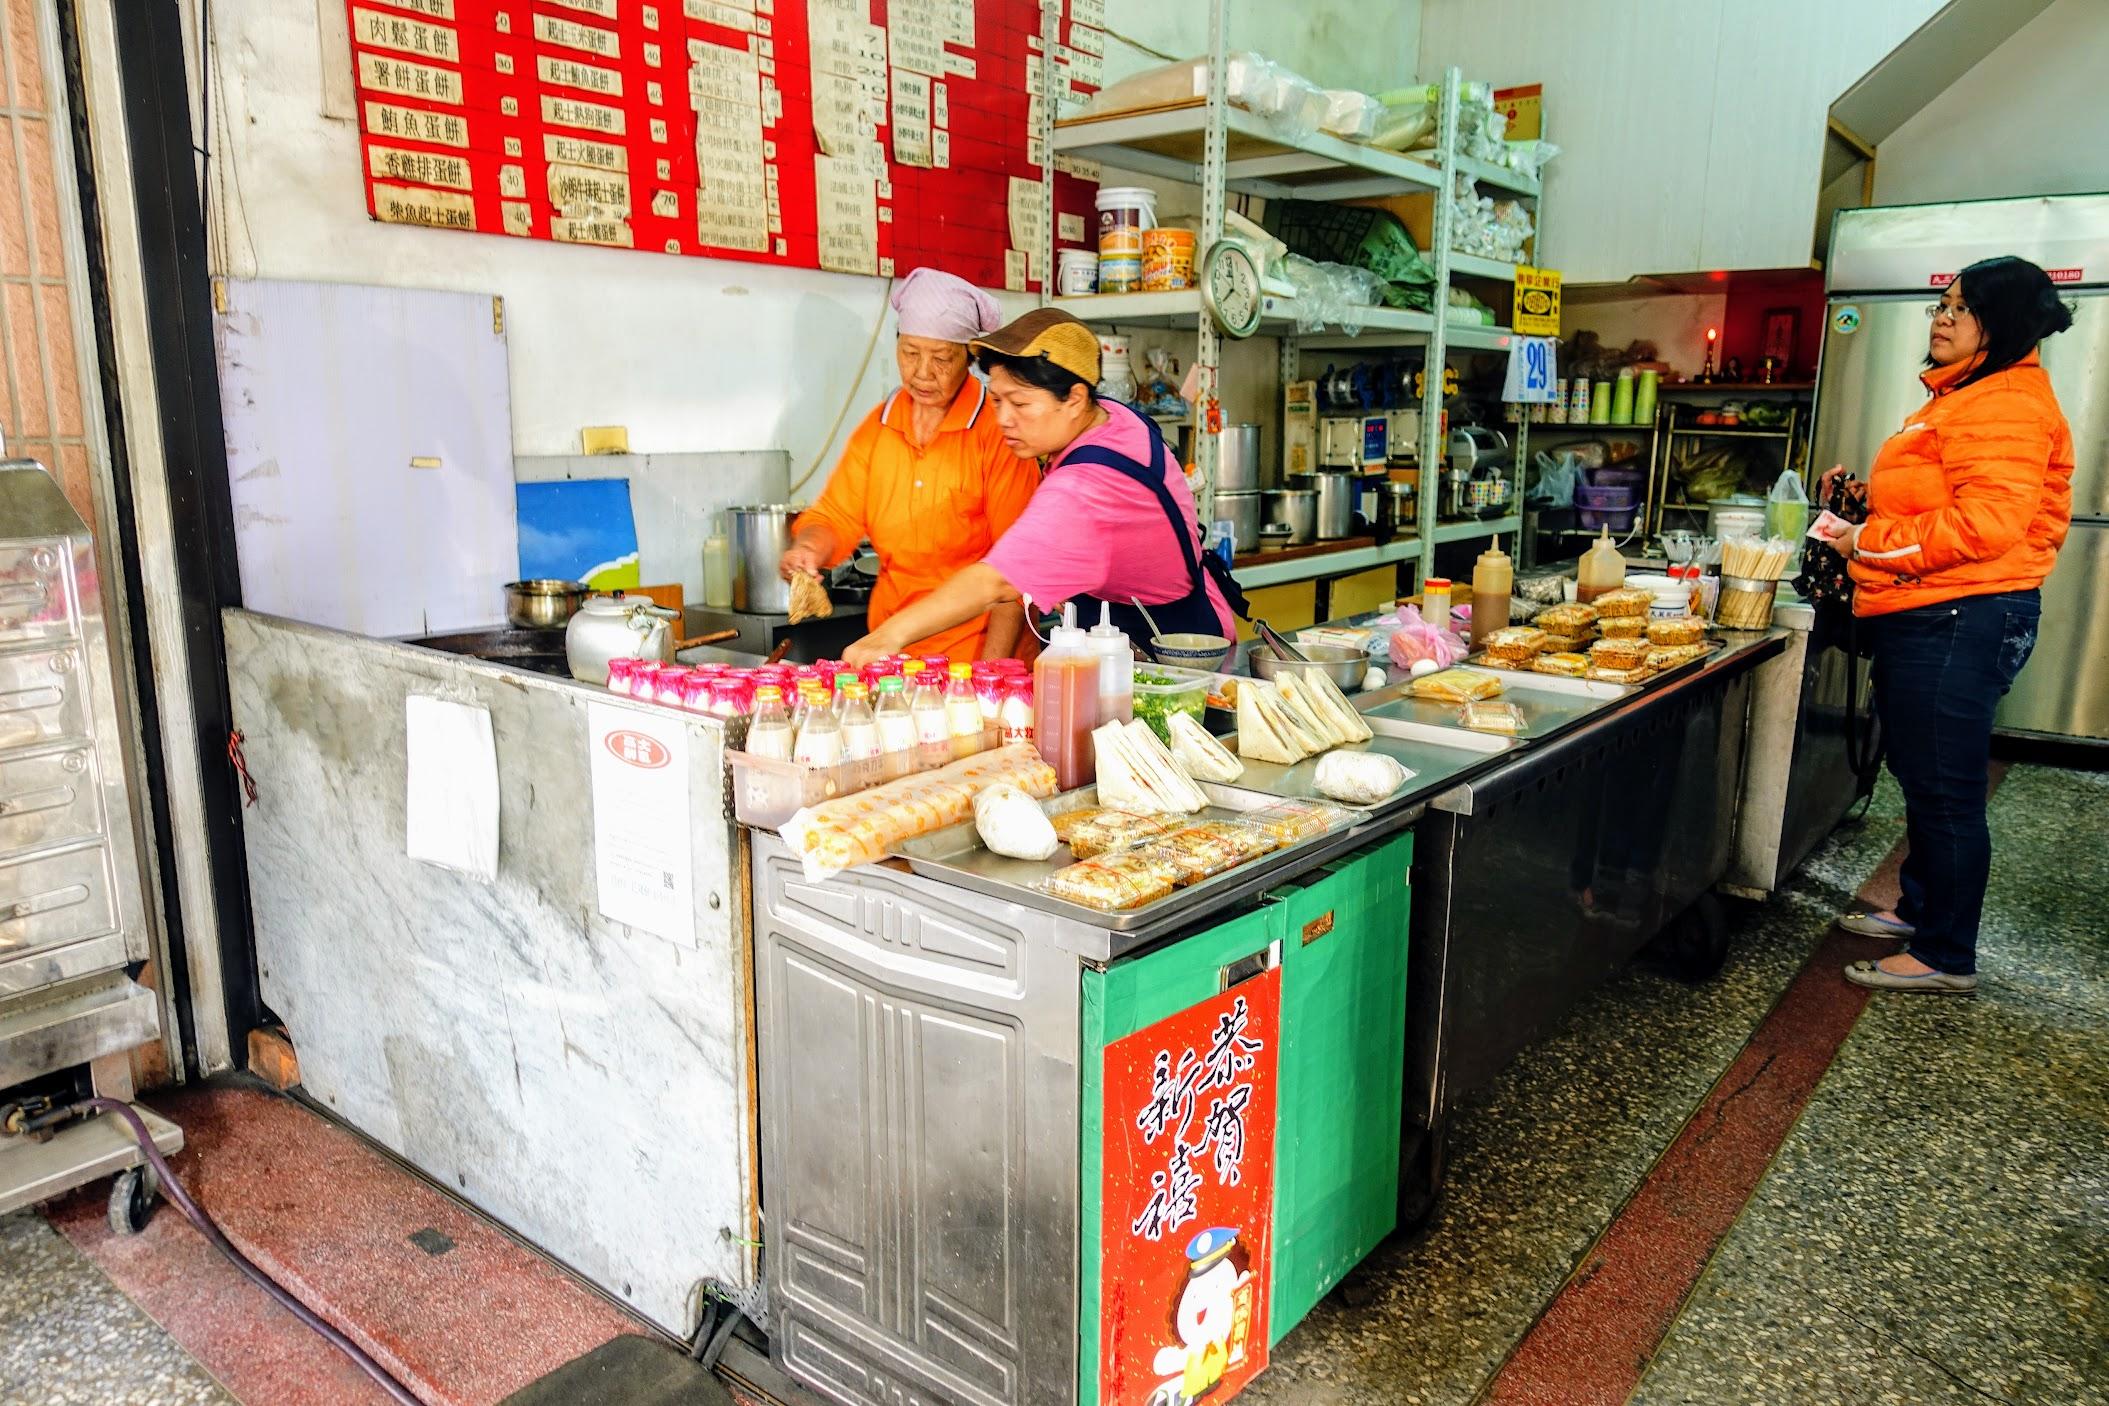 頗老式的早餐店,前面已經有些餐點可以自行帶走喔